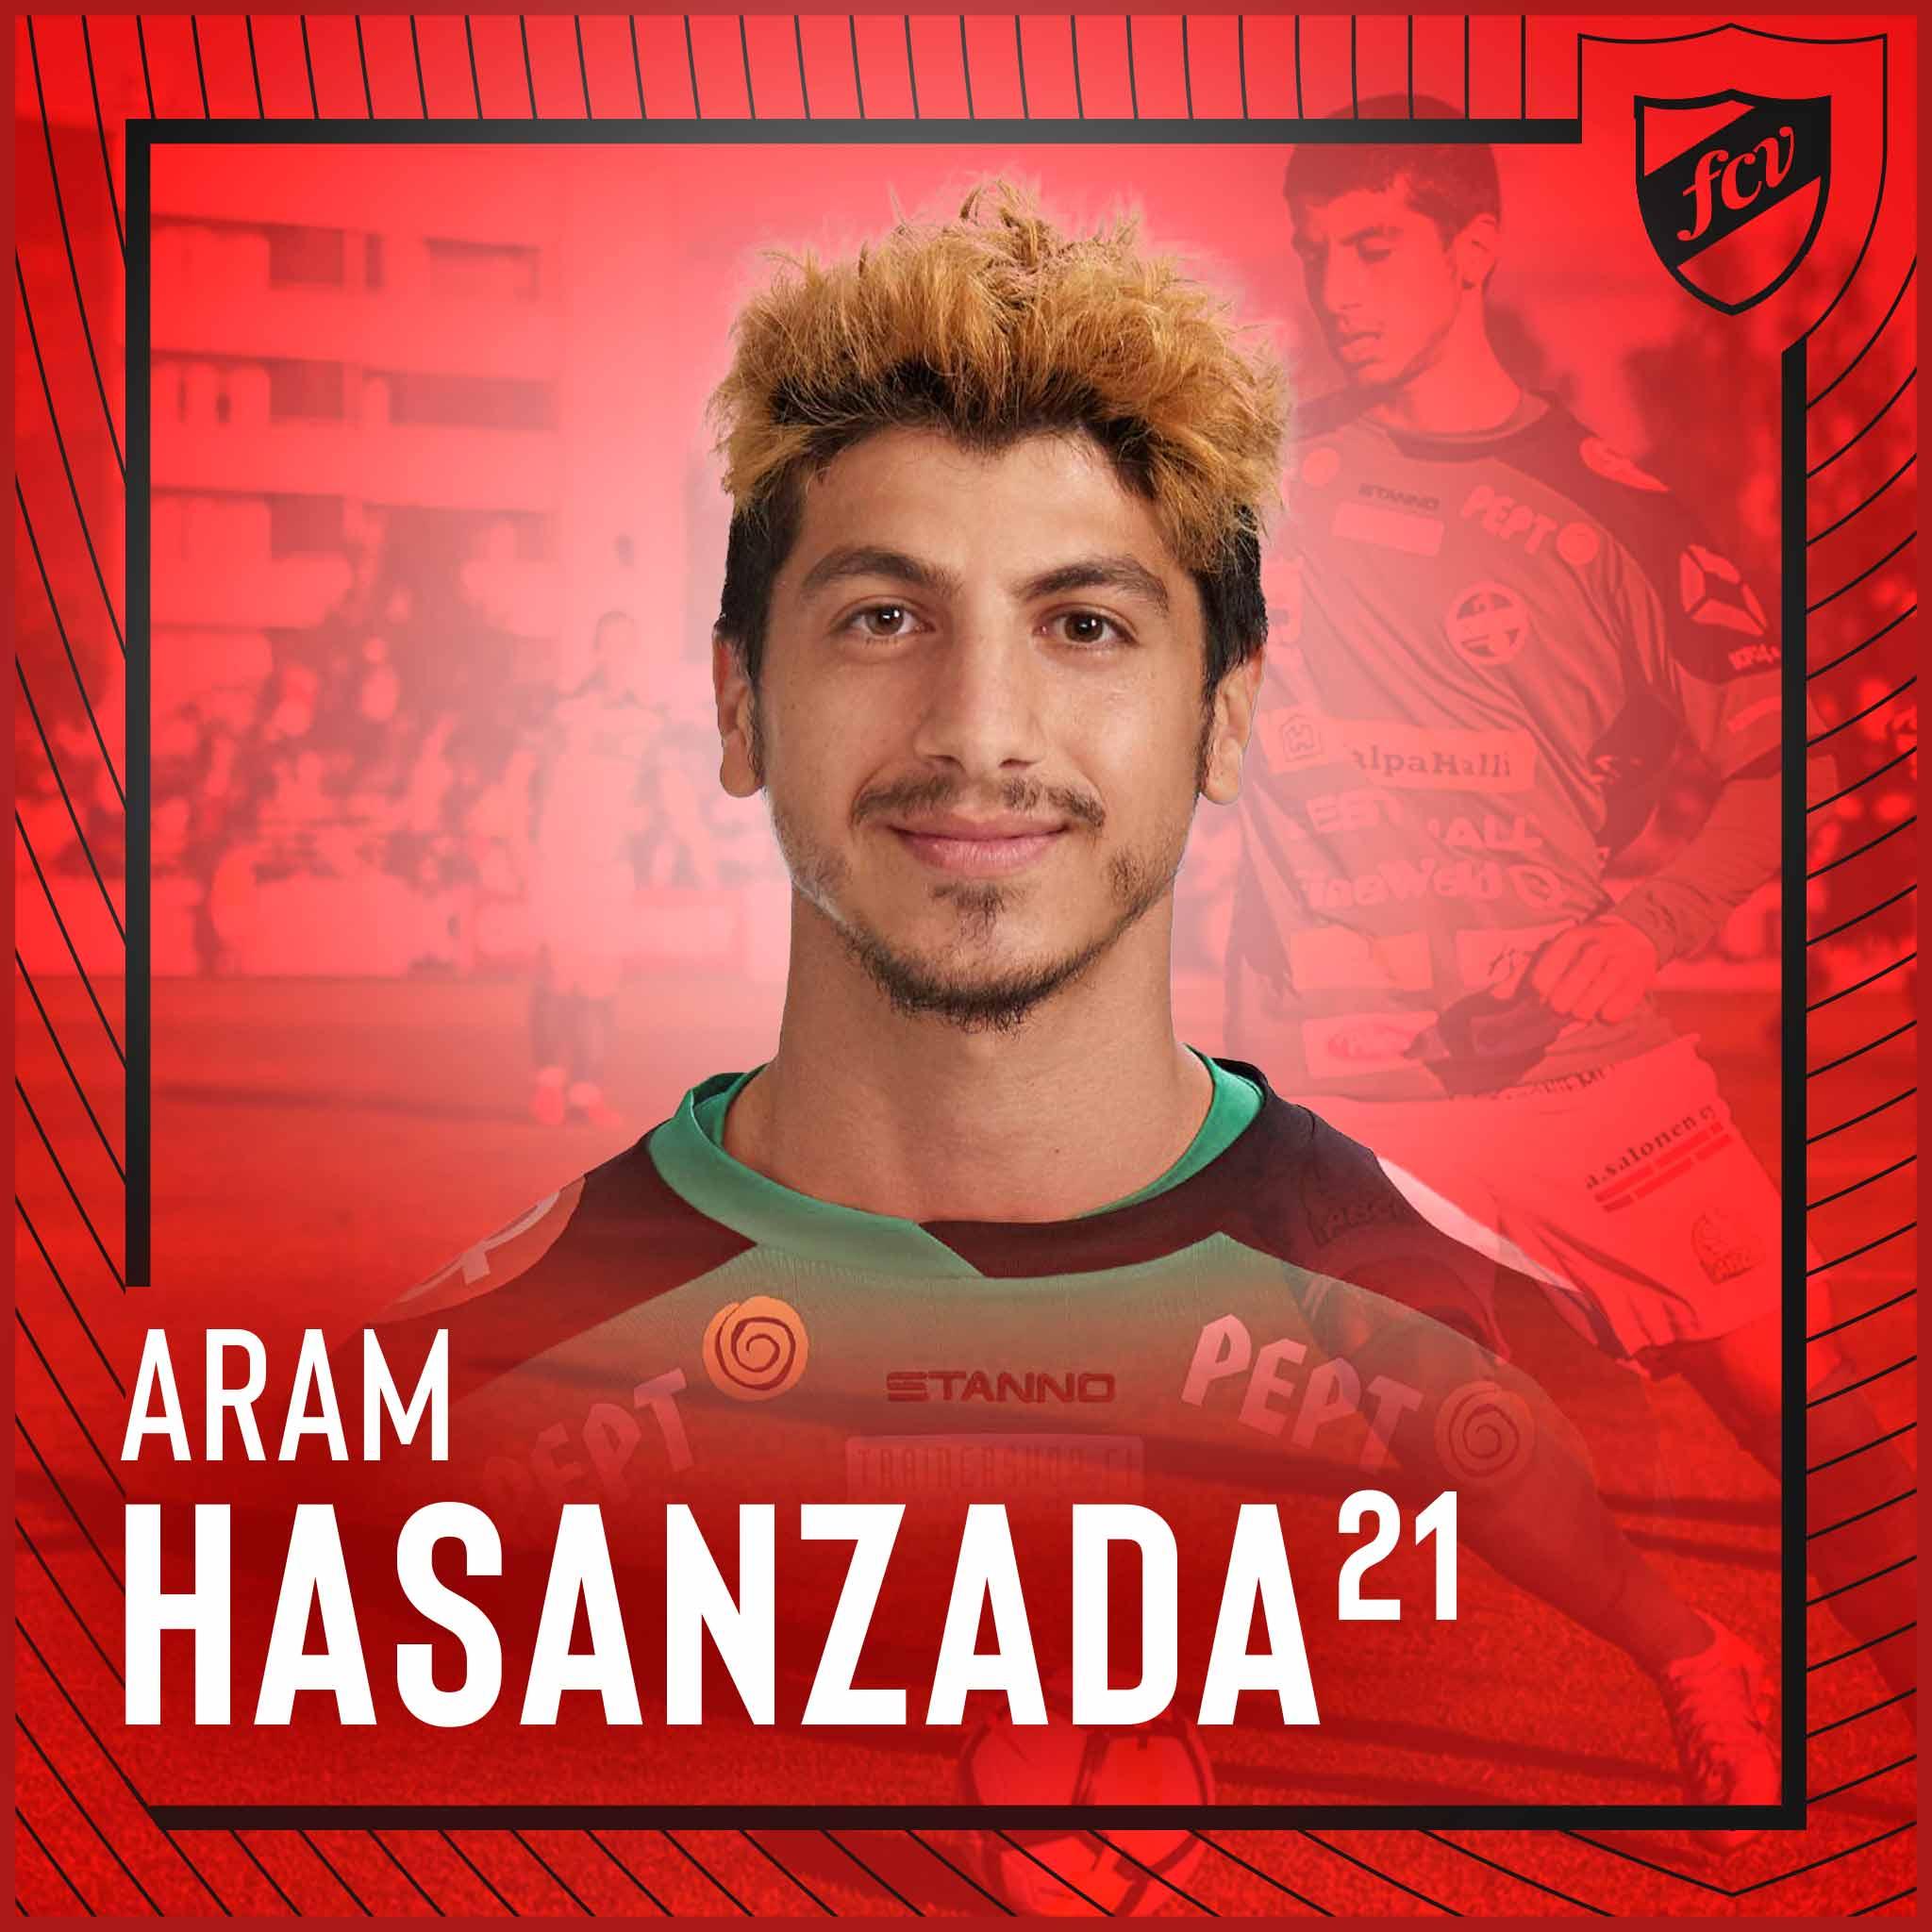 Aram Hasanzada